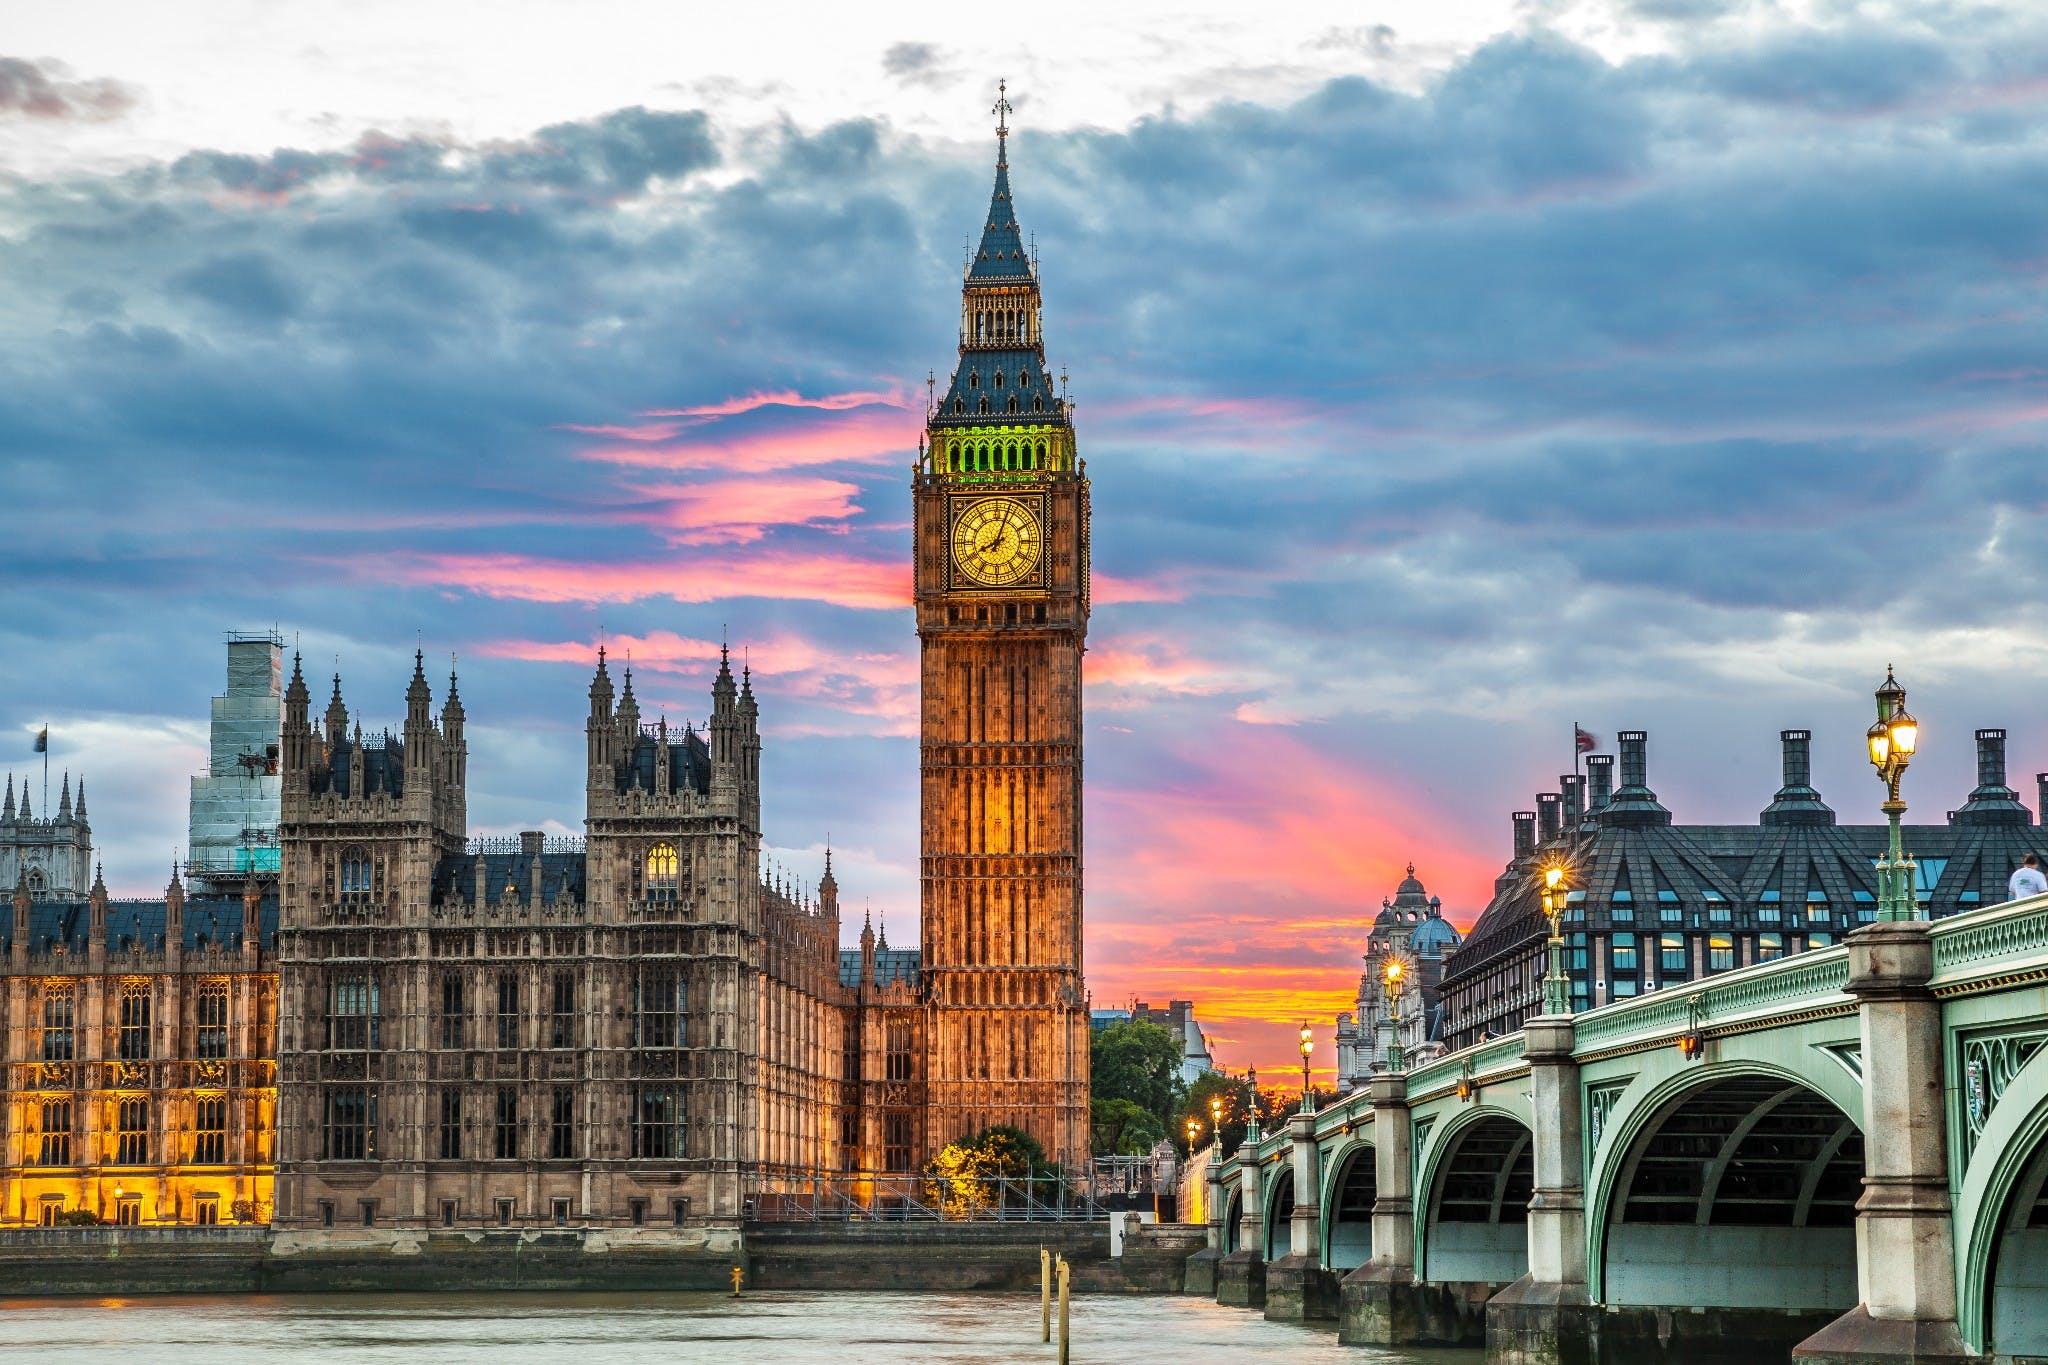 Vista del Big Ben de Londres en Inglaterra